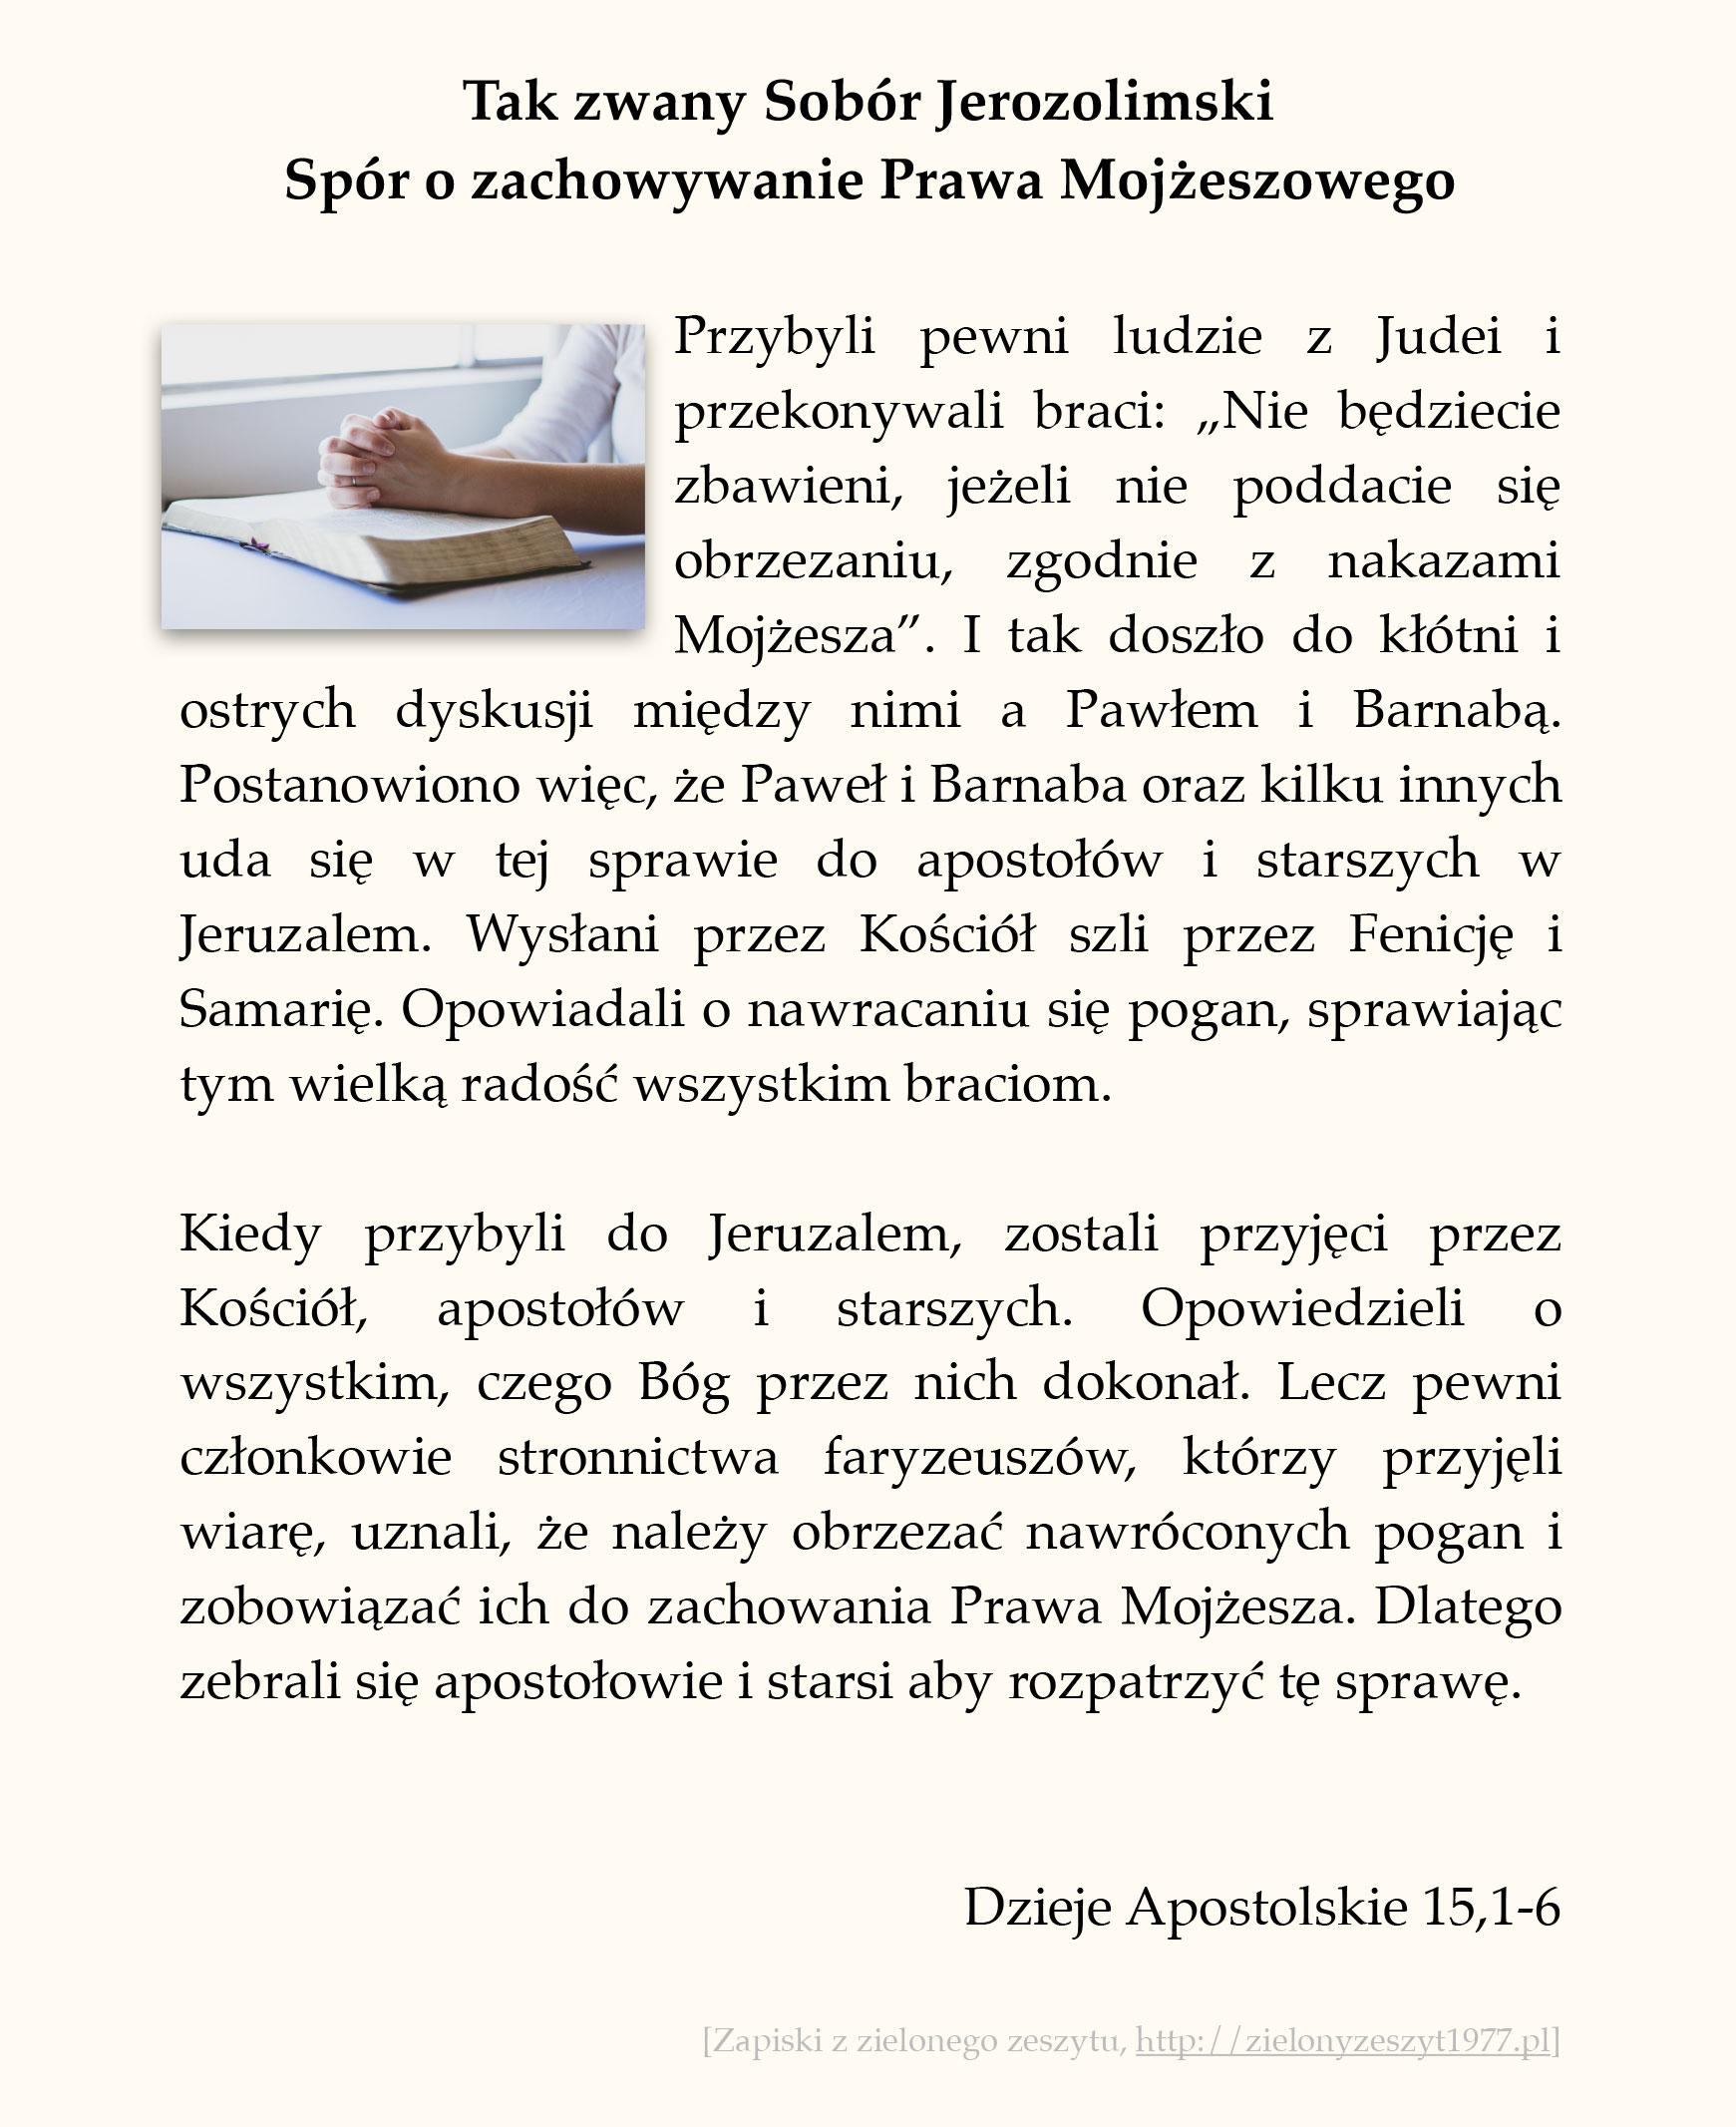 Tak zwany Sobór Jerozolimski - Spór o zachowywanie Prawa Mojżeszowego; Dzieje Apostolskie (#65)